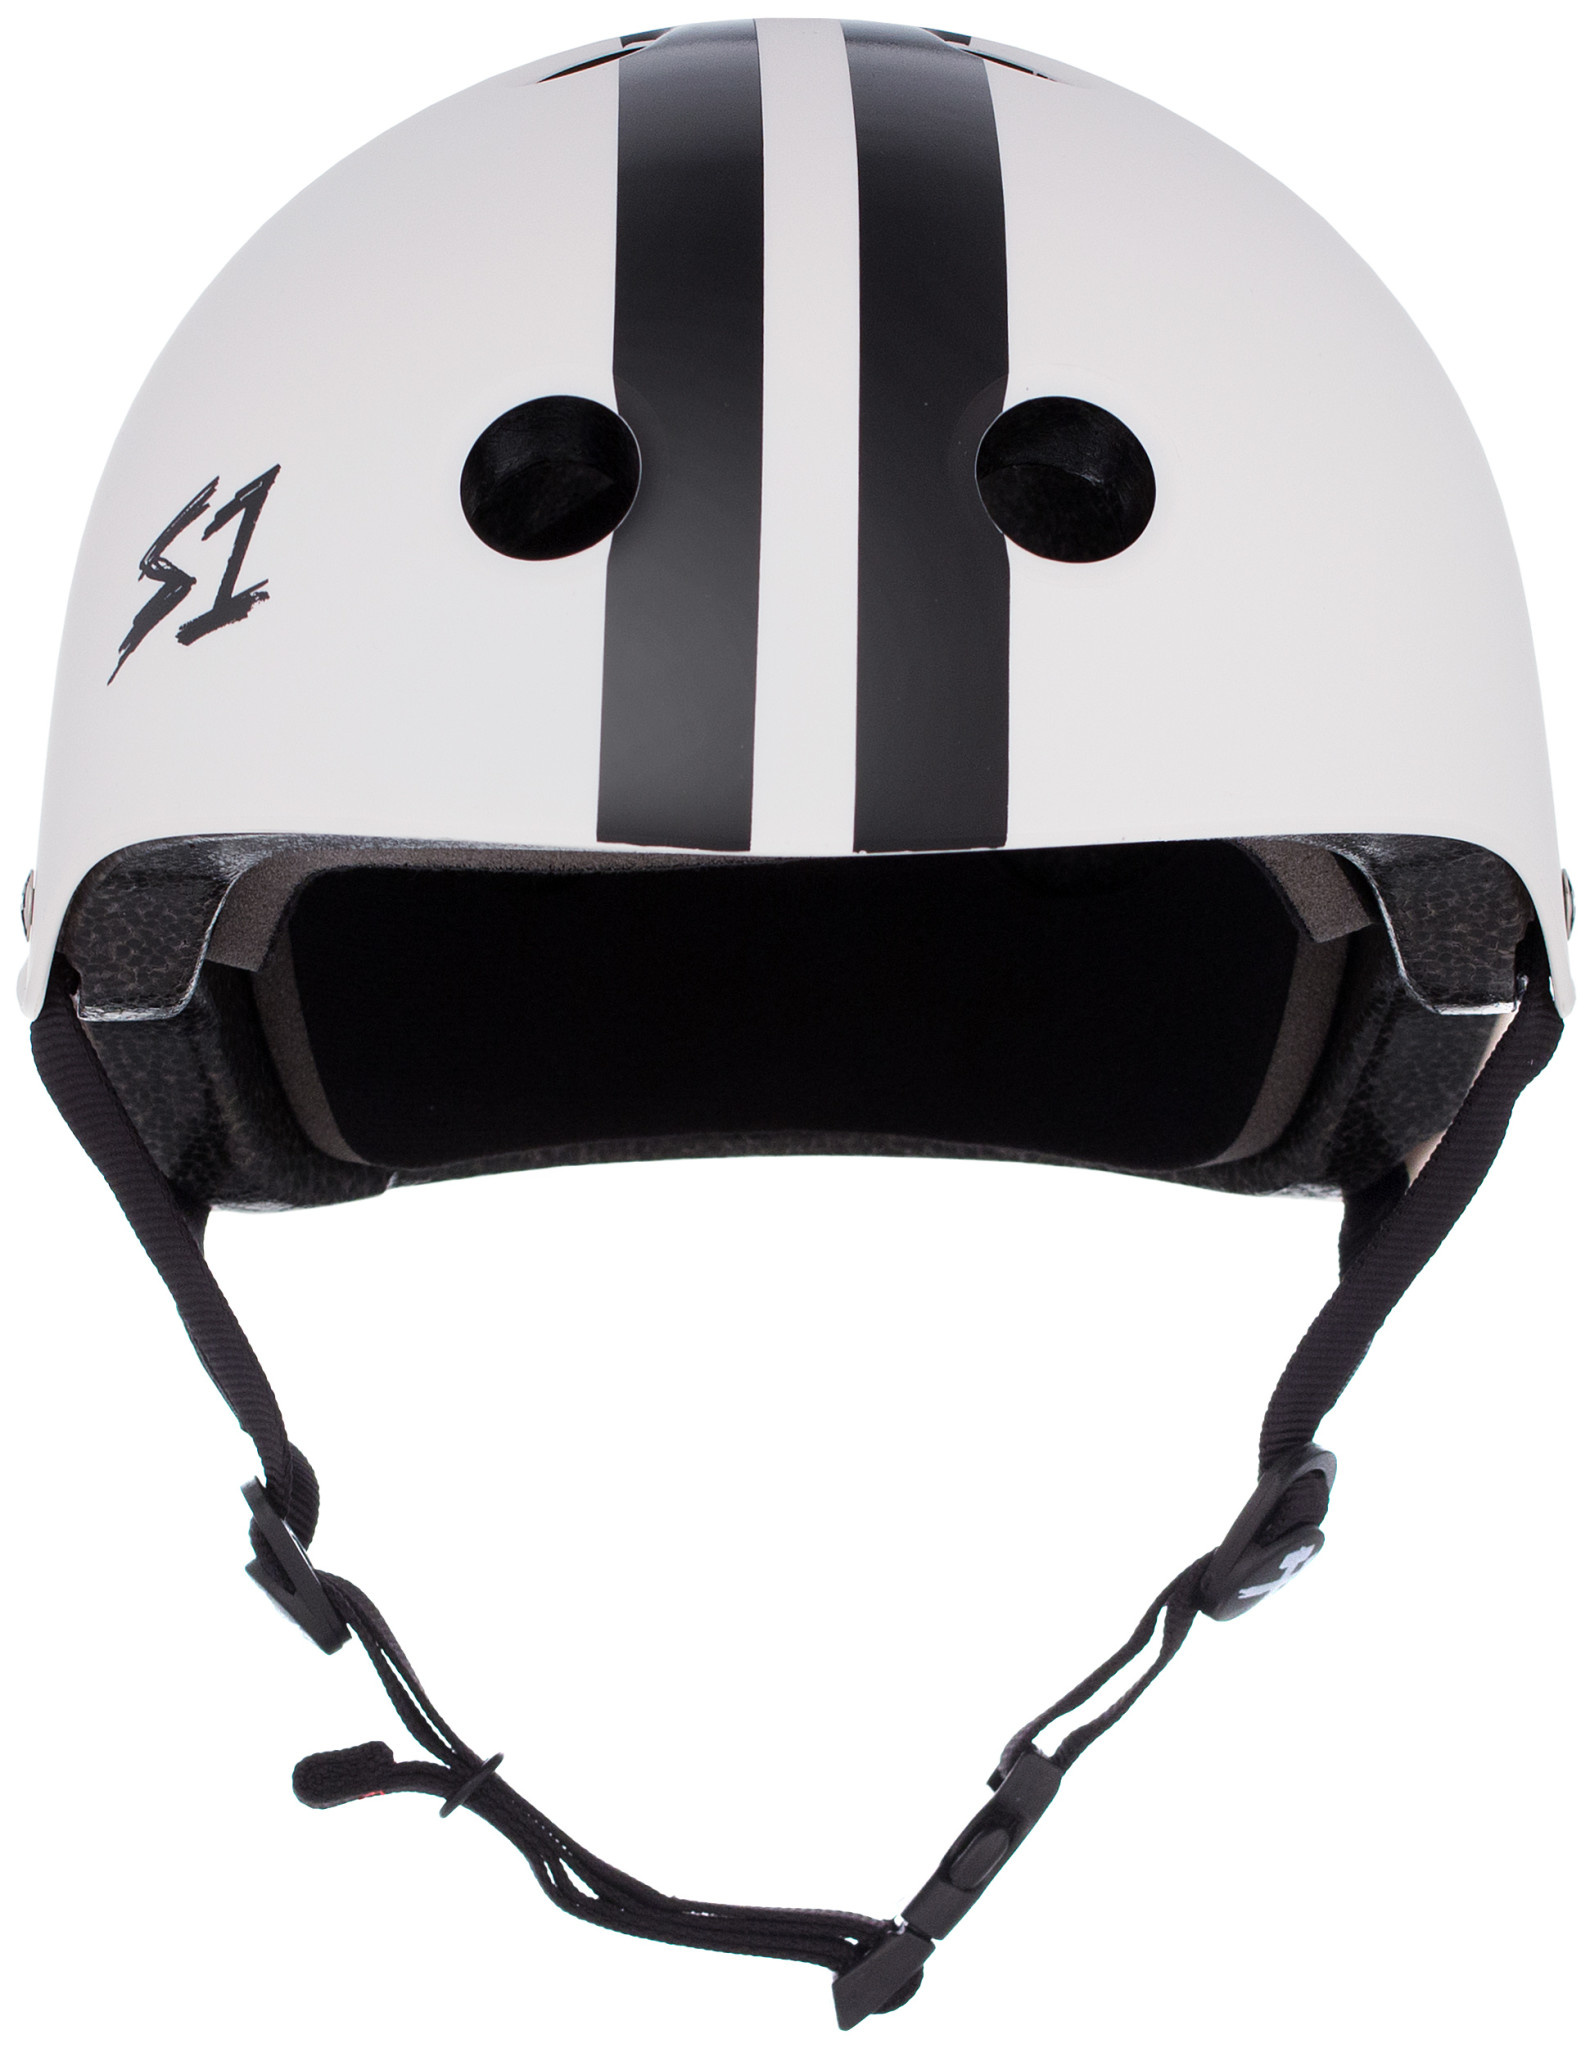 S-1 Lifer Helmet - White Gloss w/ Black Stripes